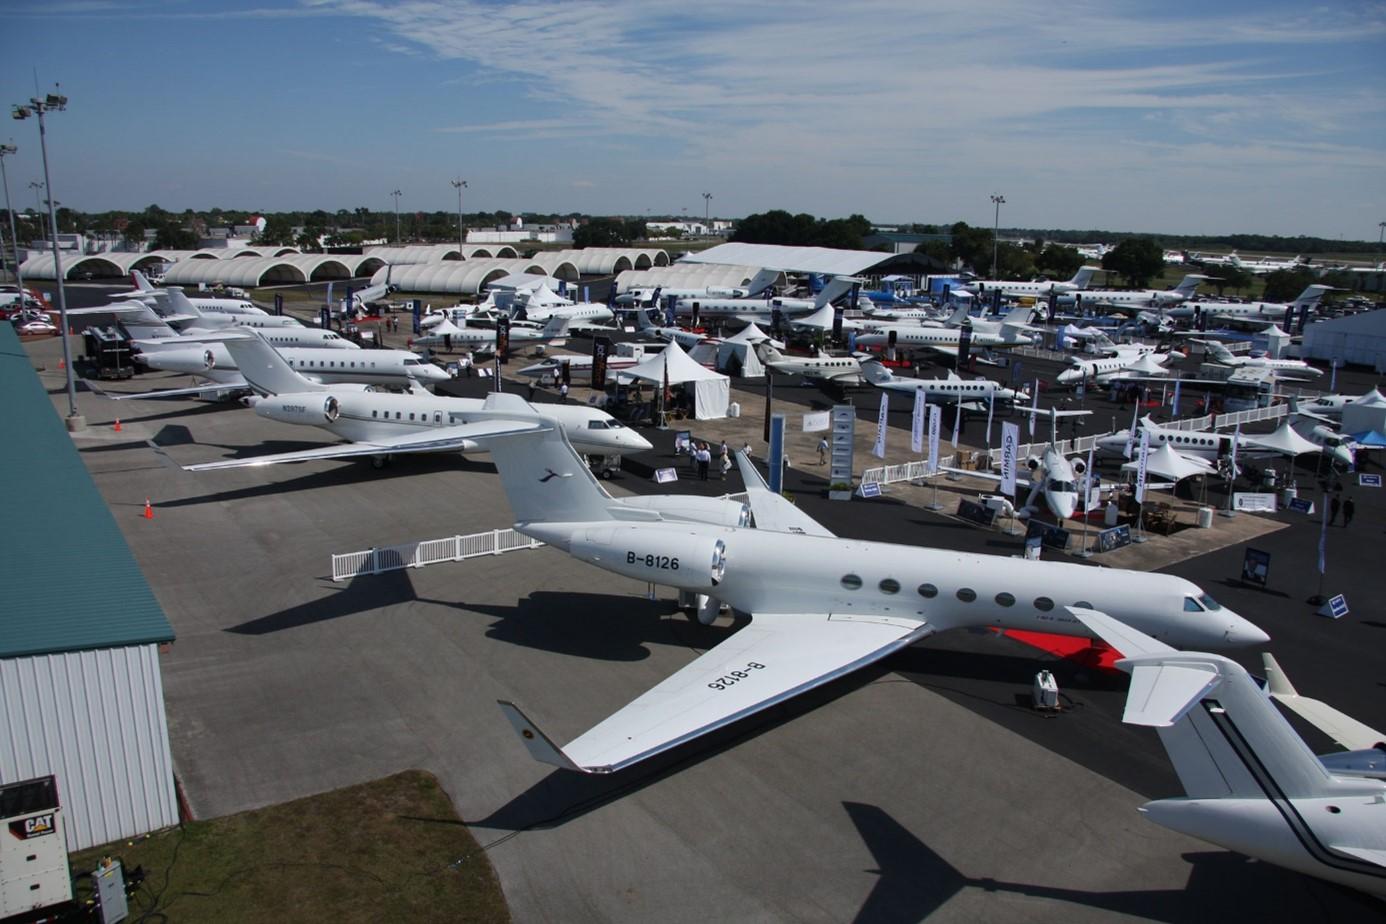 A Las Vegas, l'aviation d'affaires célèbre son retour sur le devant de la scène !